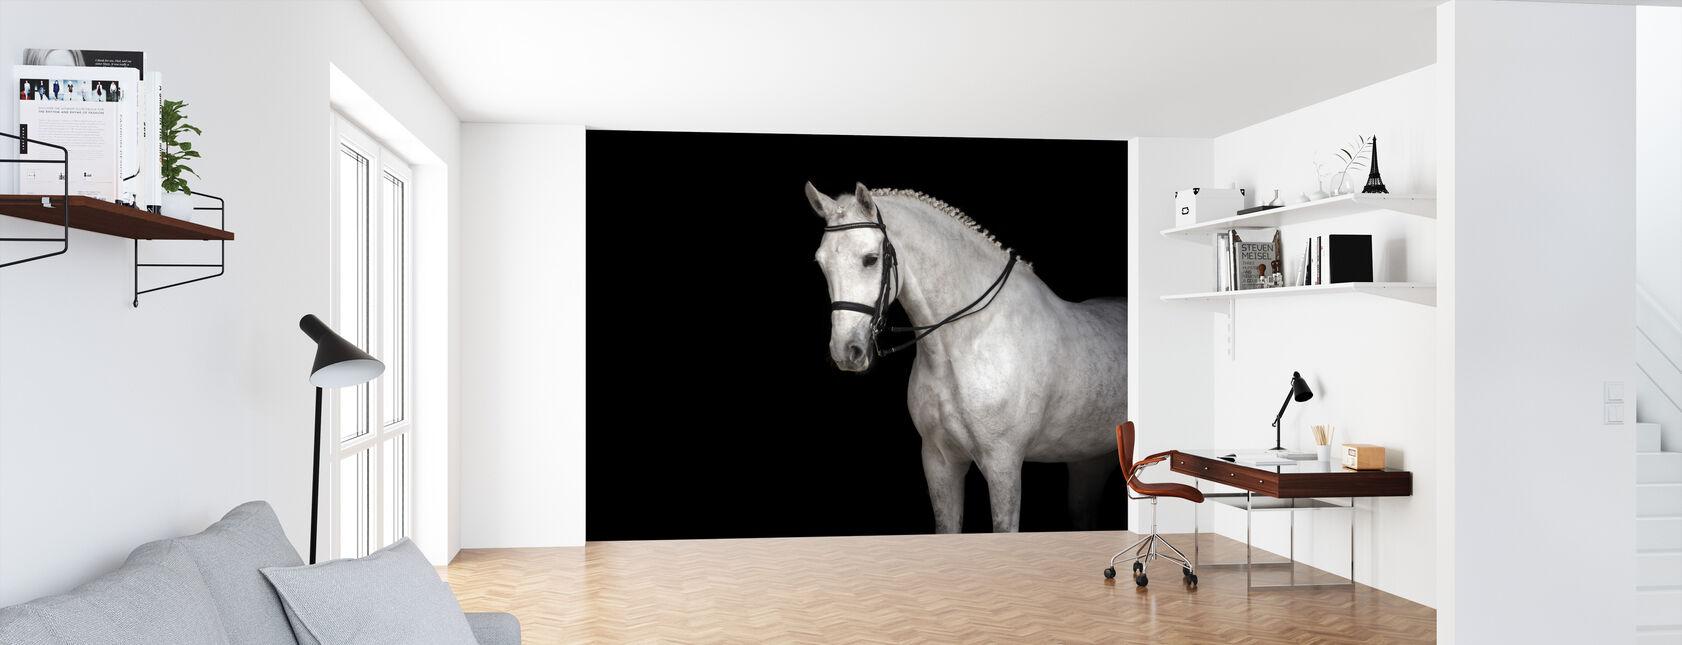 White Horse Dressage - Wallpaper - Office